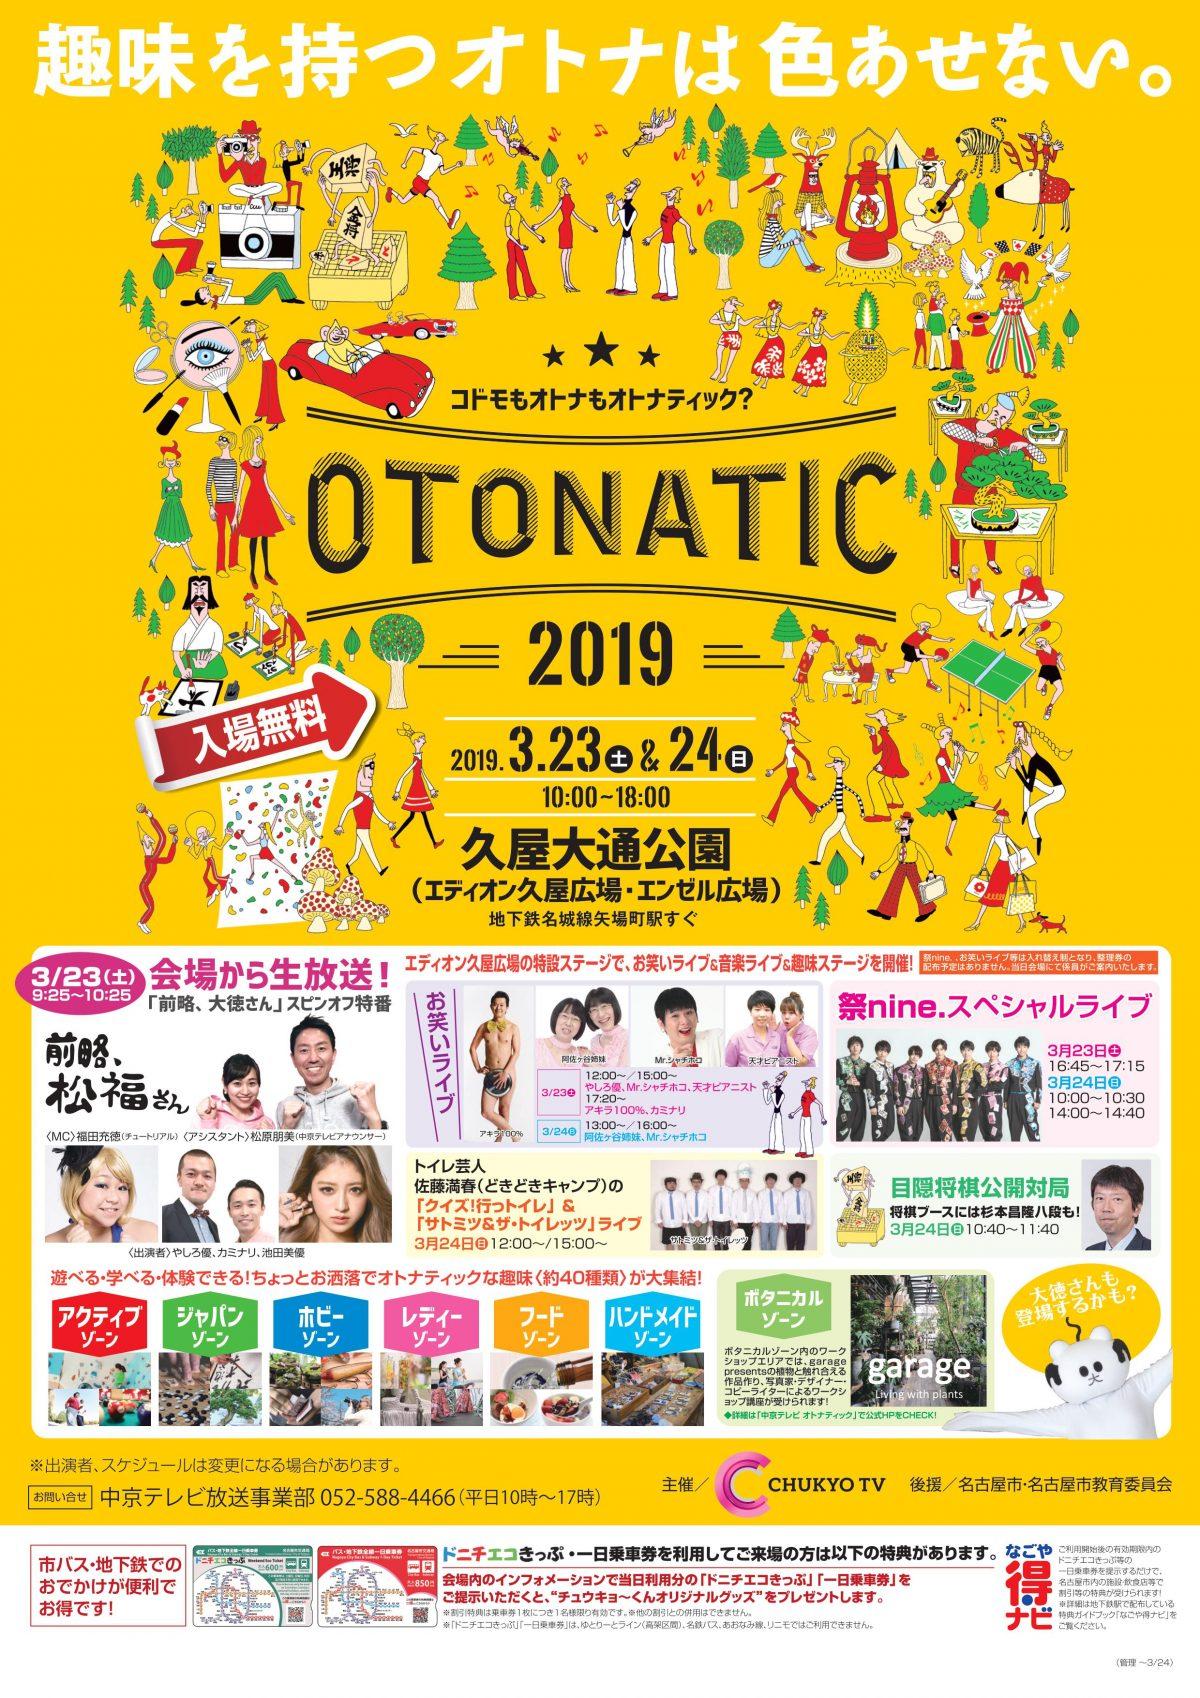 コドモもオトナもオトナティック? OTONATIC2019